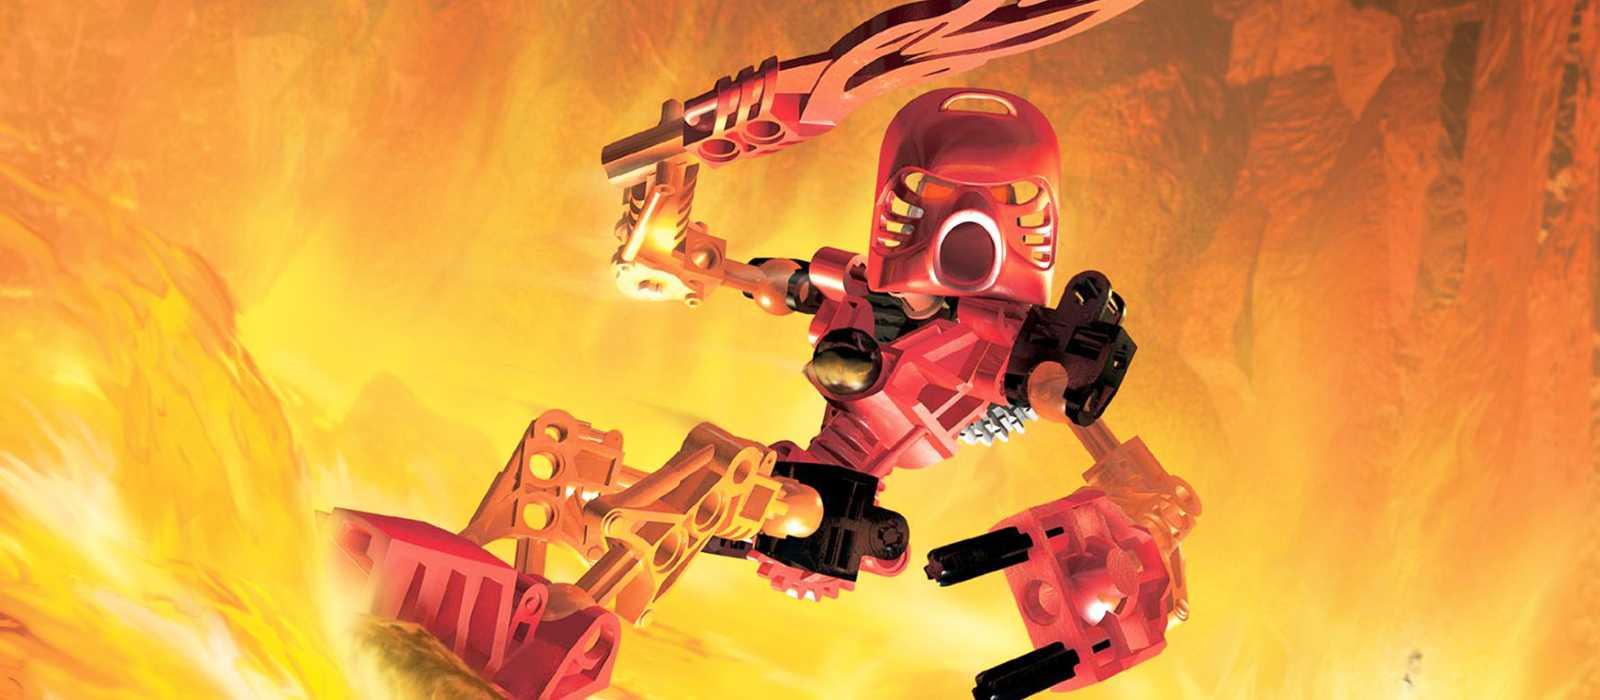 Ein Open-World-RPG-Trailer und Gameplay wurde seit 6 Jahren entwickelt.